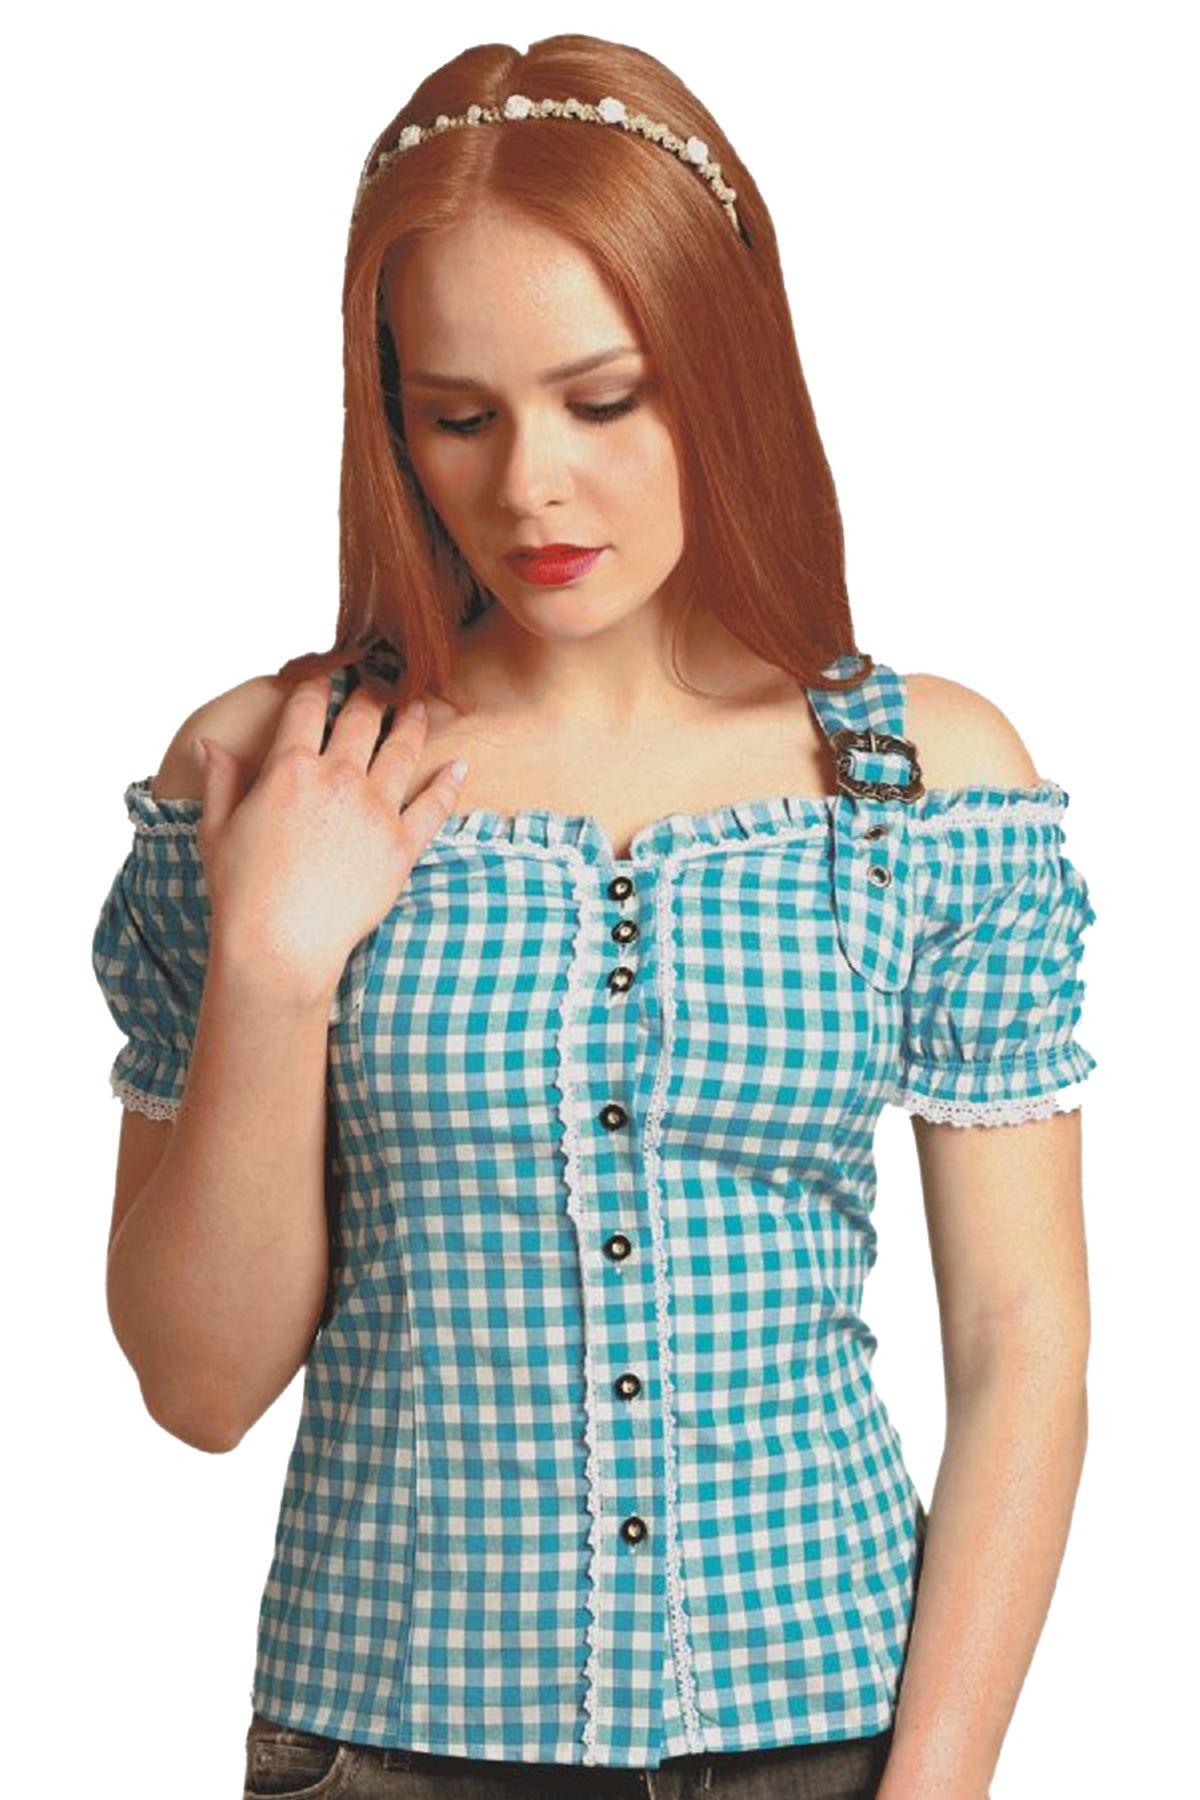 Fuchs Trachten - Damen Trachten Bluse in versch. Farben, (Artikelnummer: 4537) – Bild 11